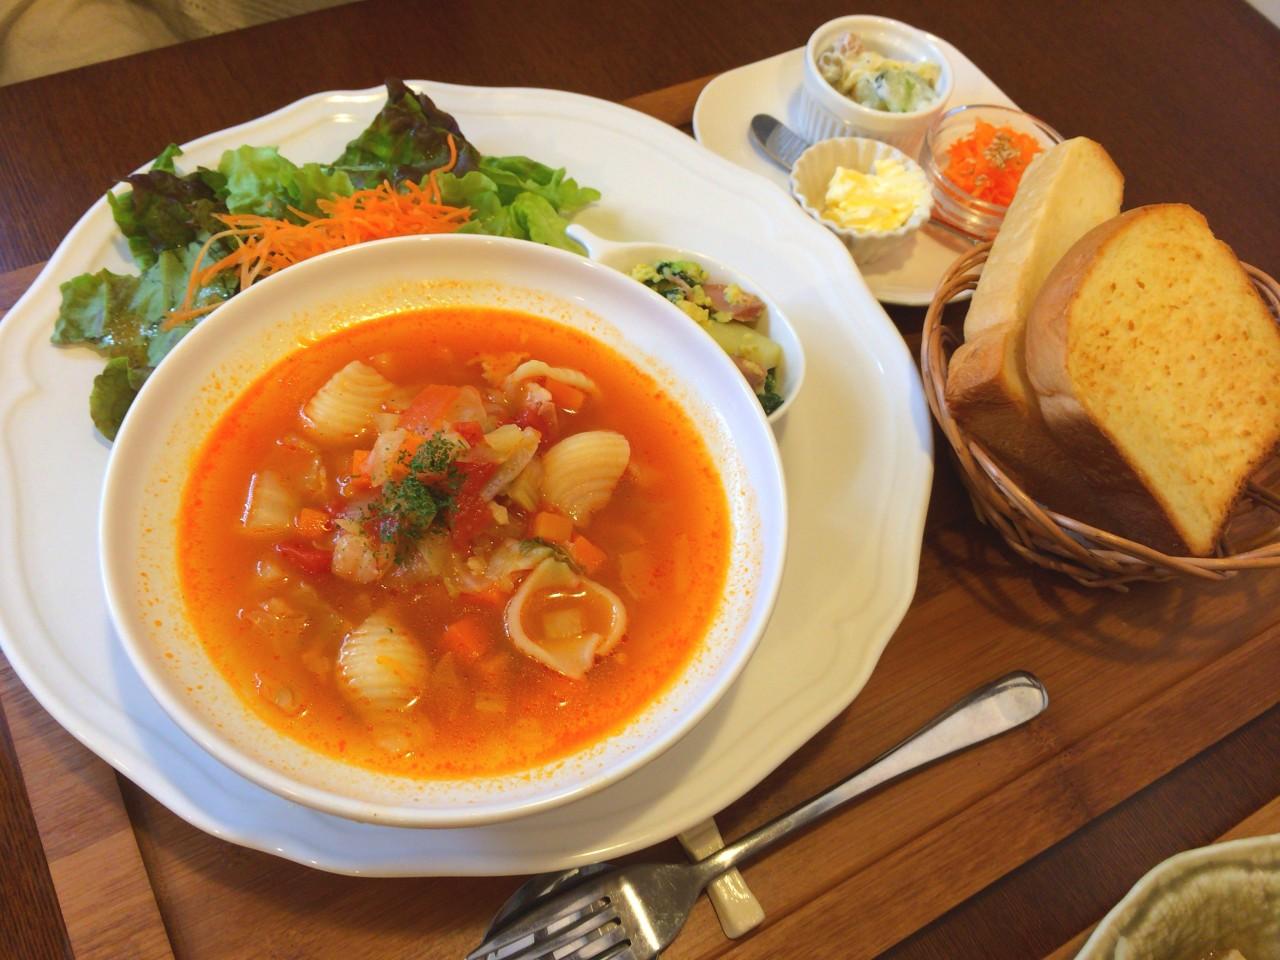 Merci Cafe (メルシーカフェ)